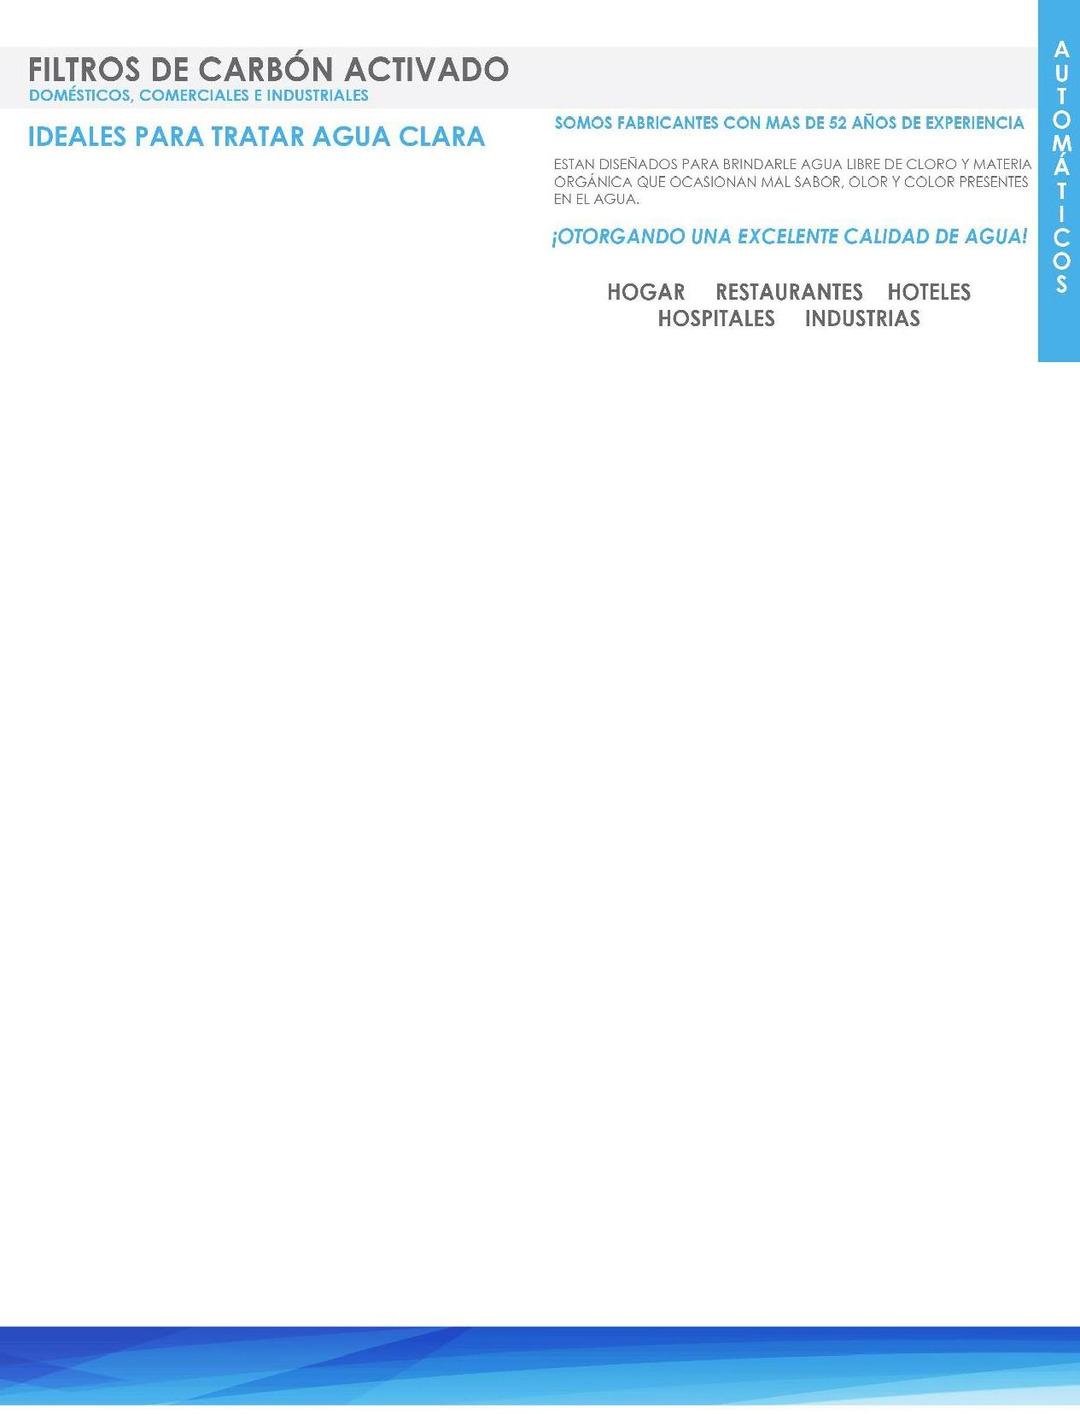 Page 5 of LP-TRA - Filtros, Suavizadores, Tratamiento Agua Limpia AQUAPLUS de MASS®.  PÁGINA 5  http://distribuidorindmass.com/